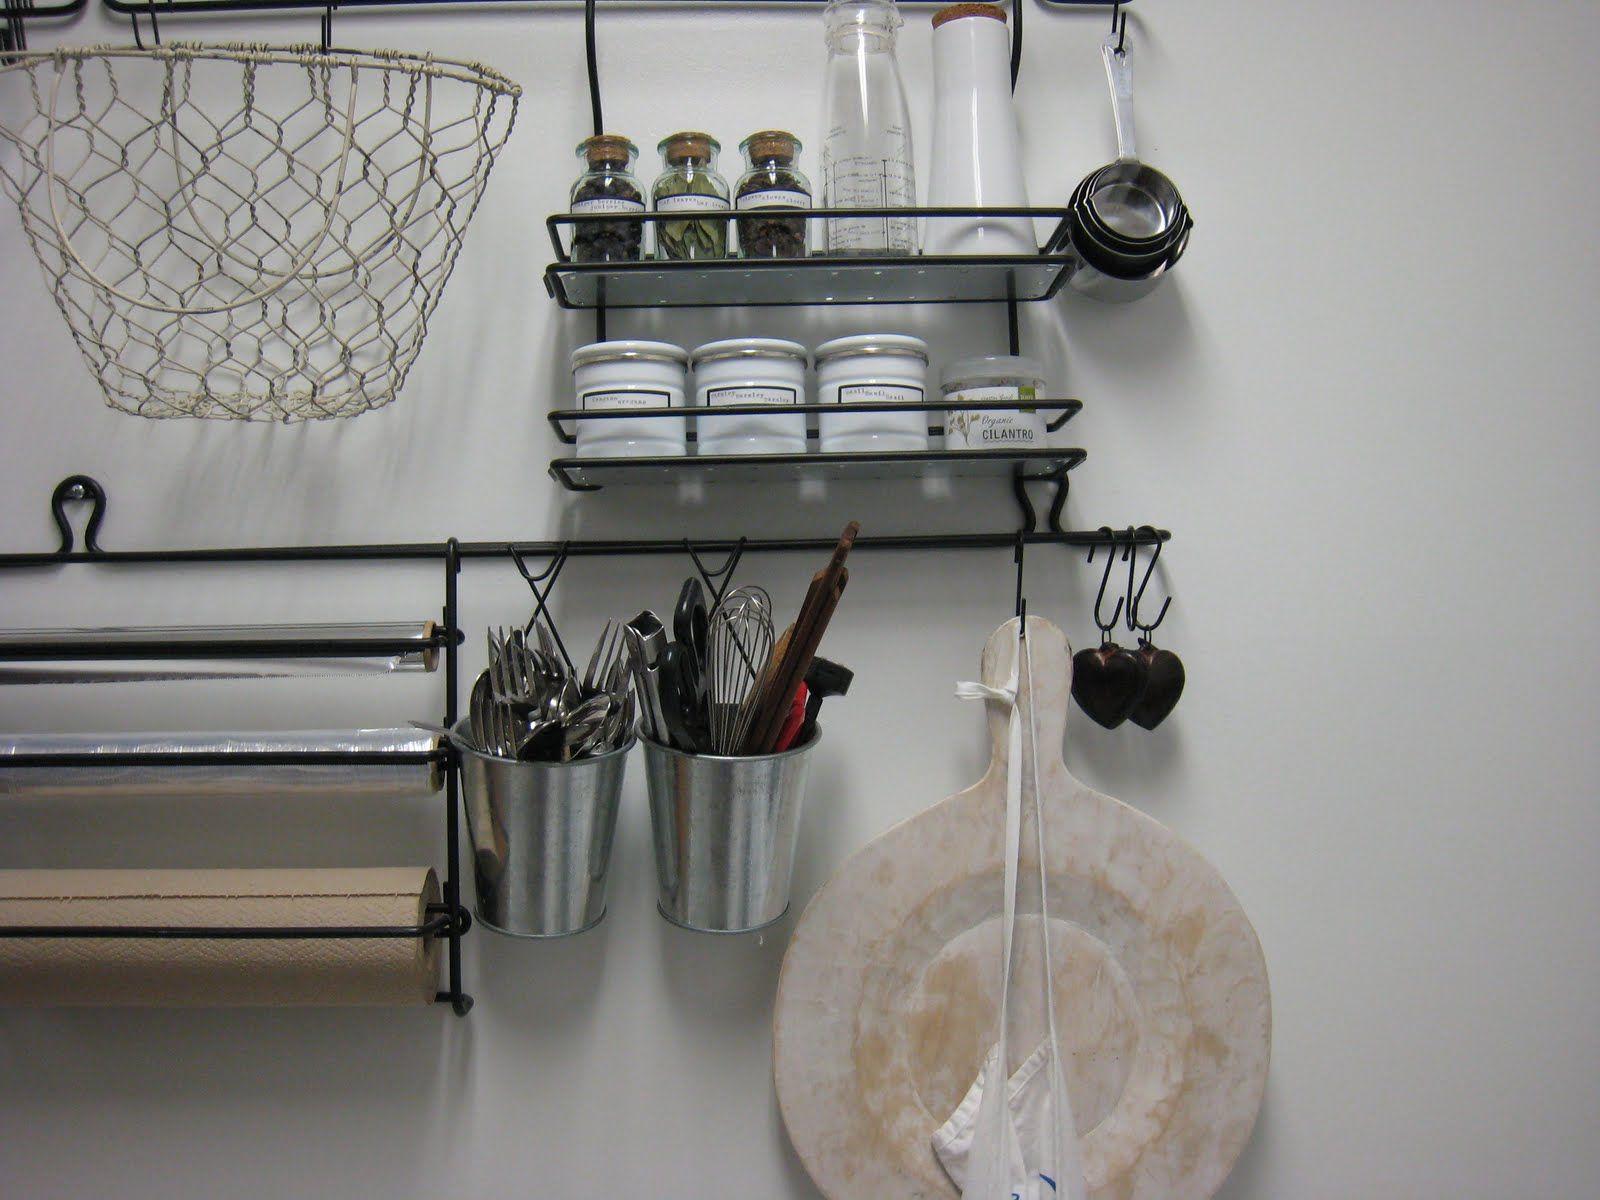 Superb Kitchen Wall Organizers